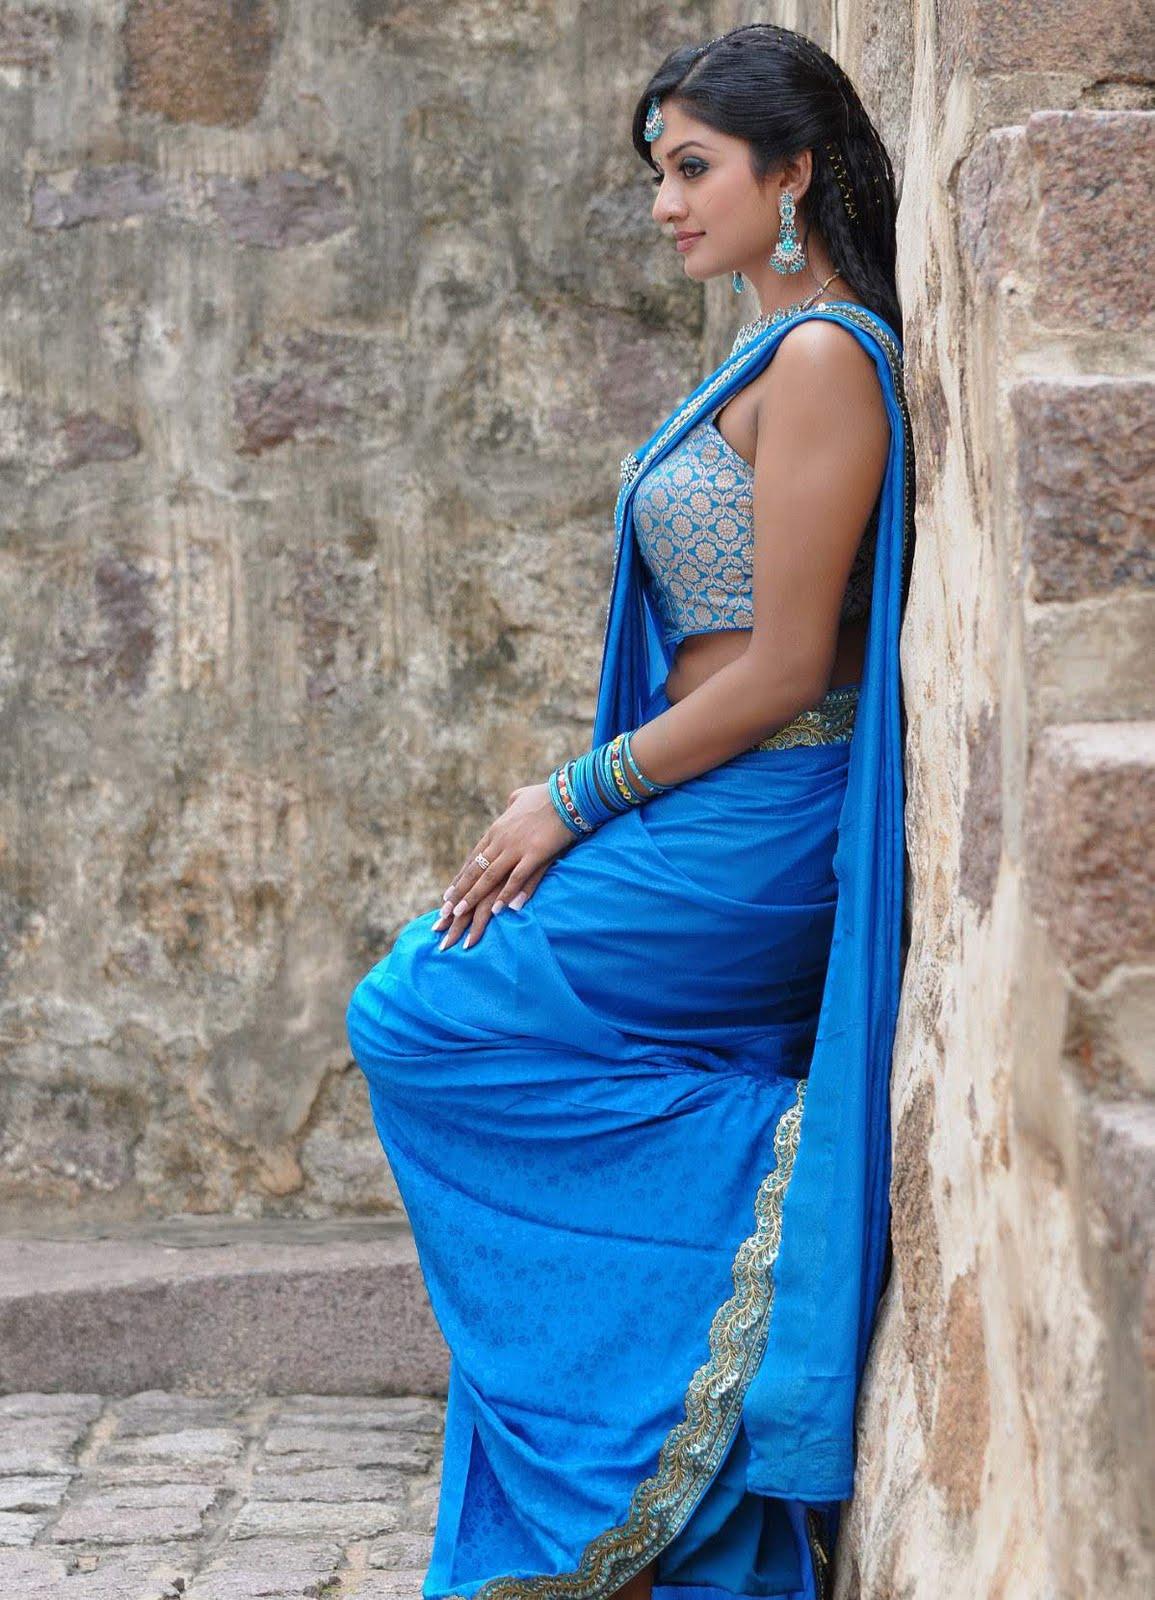 Actress vimala raman hot saree photos actress photos gallery actress vimala raman in saree photos123actressphotosgallery thecheapjerseys Images